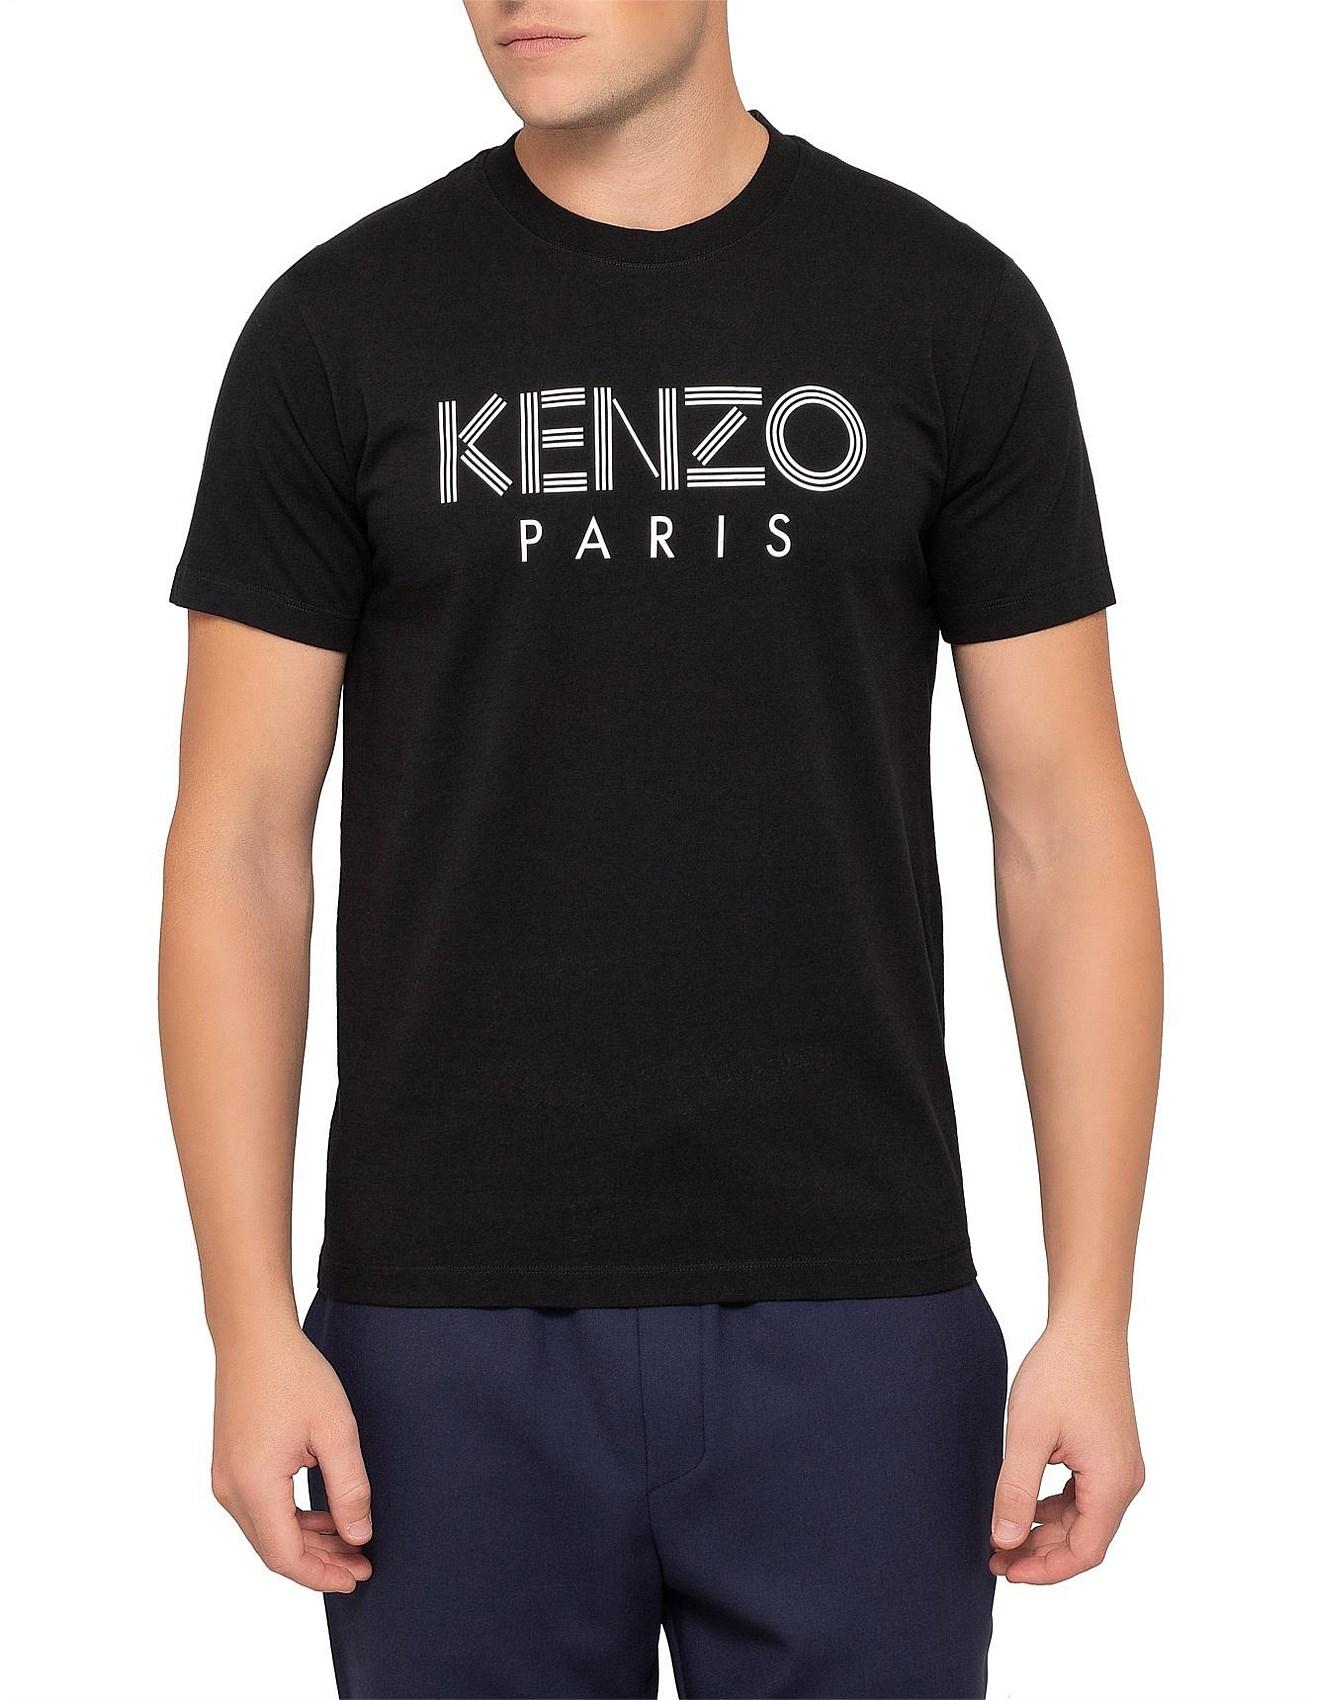 bbad9775 Kenzo | Buy Kenzo Perfume & Clothing Online | David Jones - Classic ...